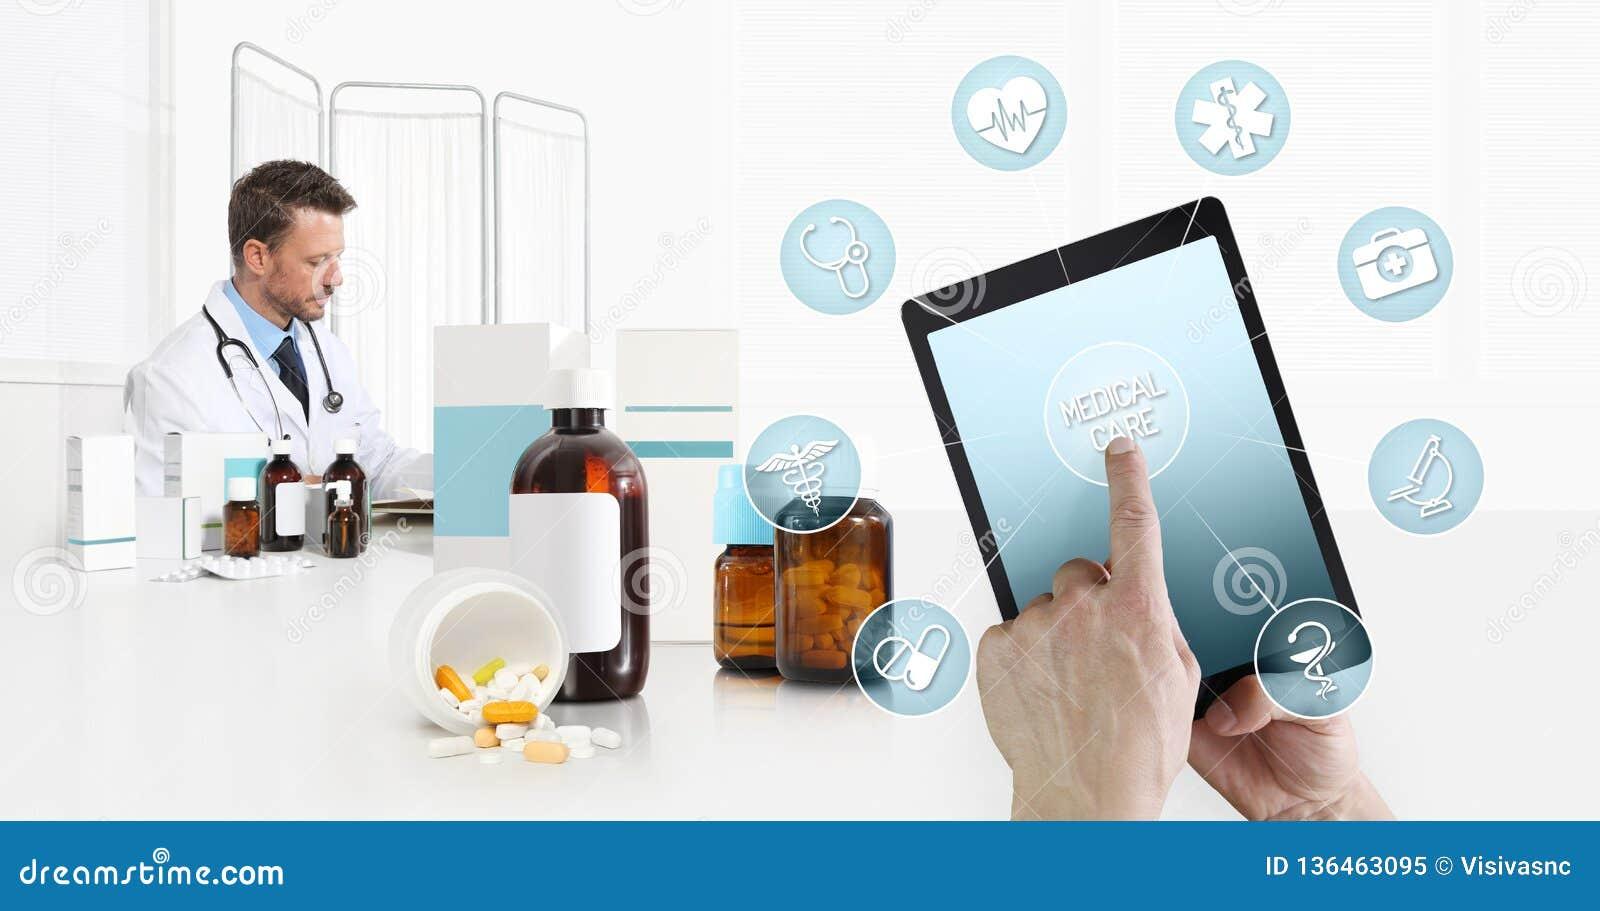 Cuidados médicos do Internet e médico em dispositivos móveis consulta, tela táctil da mão na tabuleta digital com símbolos, douto